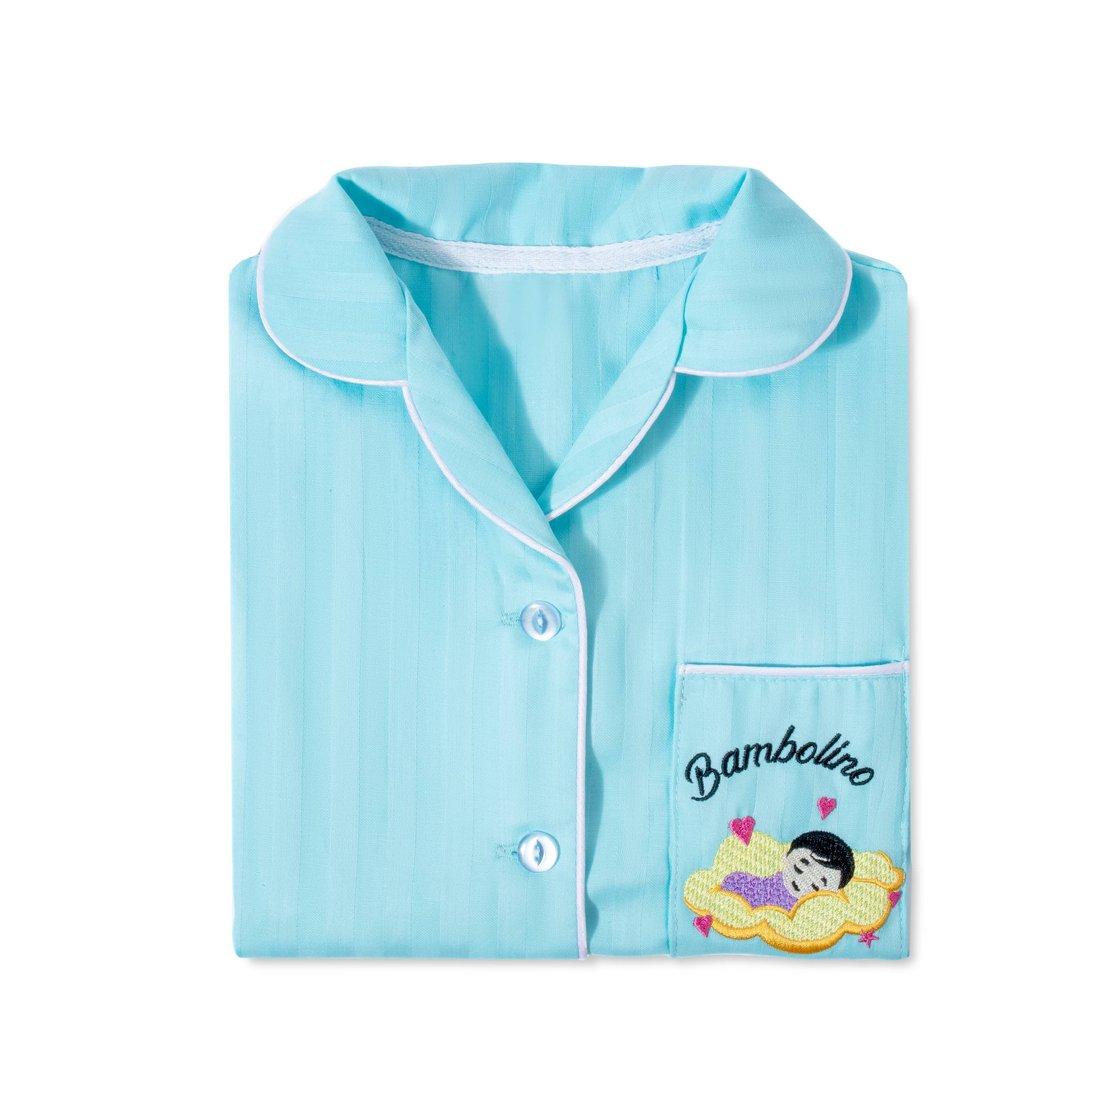 Купить Детская пижама Bambolino, голубая 146, Mixit